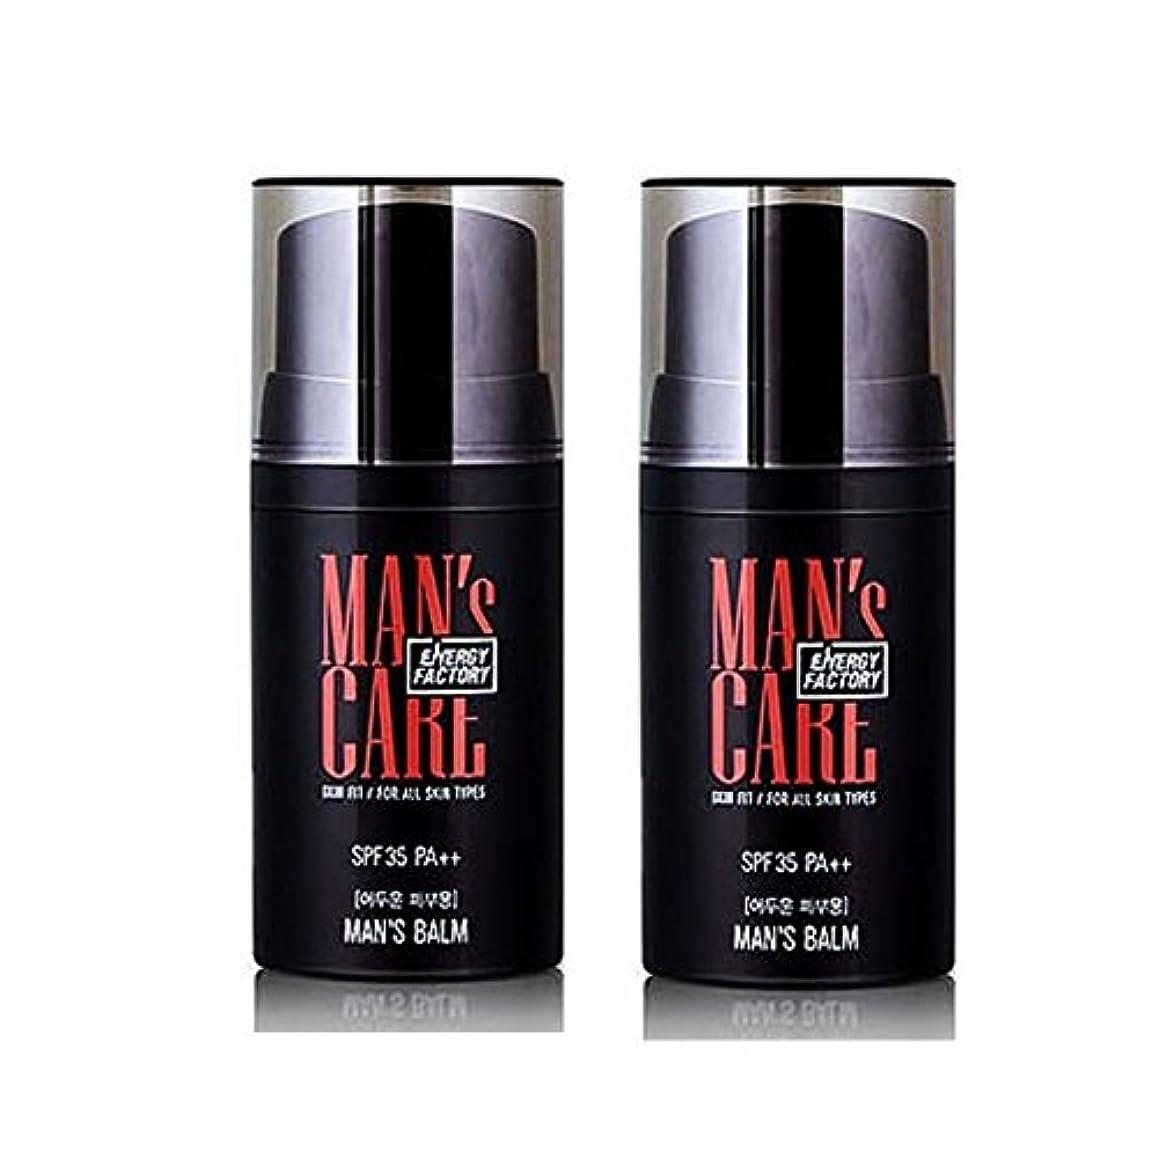 キャメル報復する裏切りメンズケアエネルギーファクトリースキンフィット?マンズ?Balm 50ml x 2本セット(明るい肌用、暗い肌用) メンズコスメ、Man's Care Energy Factory Skin Fit Man's Balm...